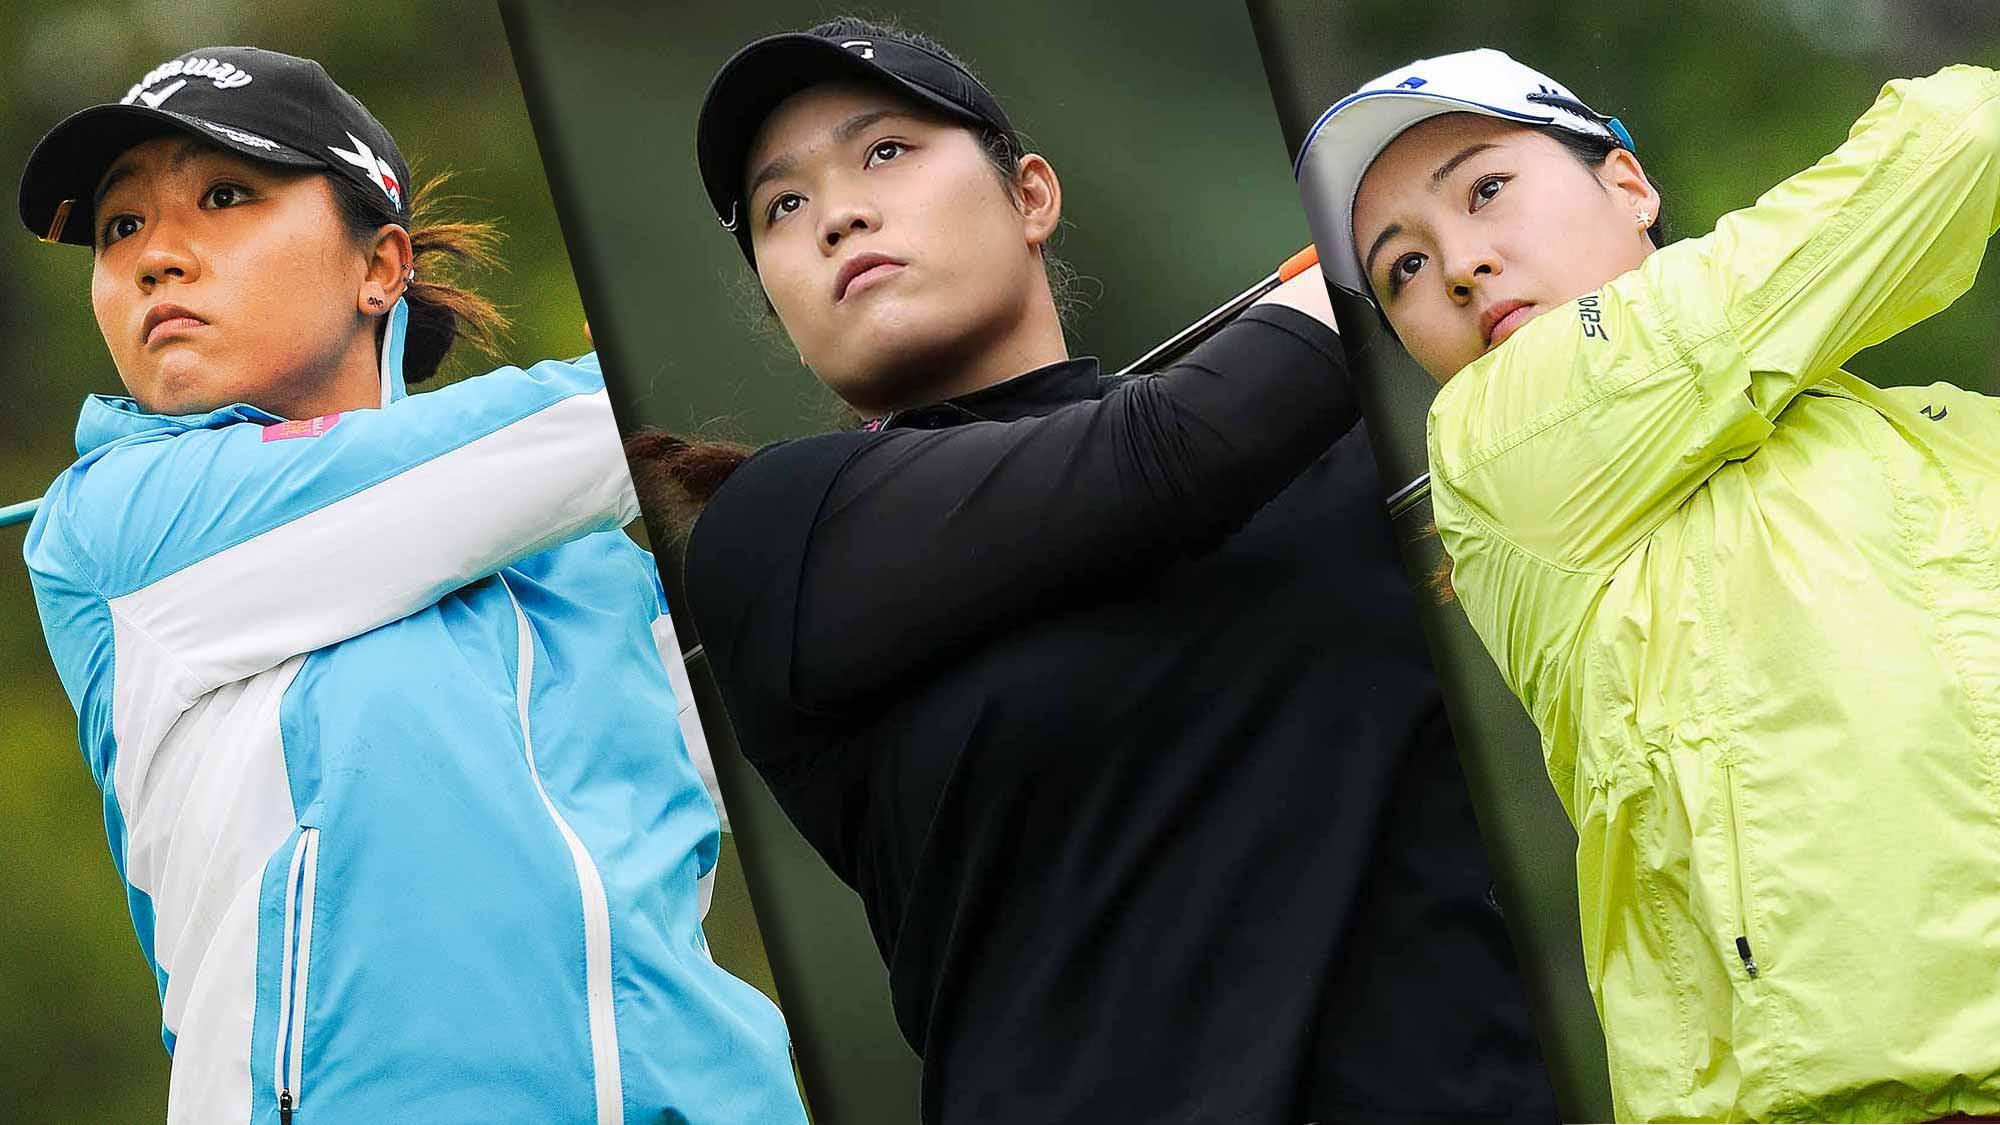 Lydia Ko, Ariya Jutanugarn and In Gee Chun